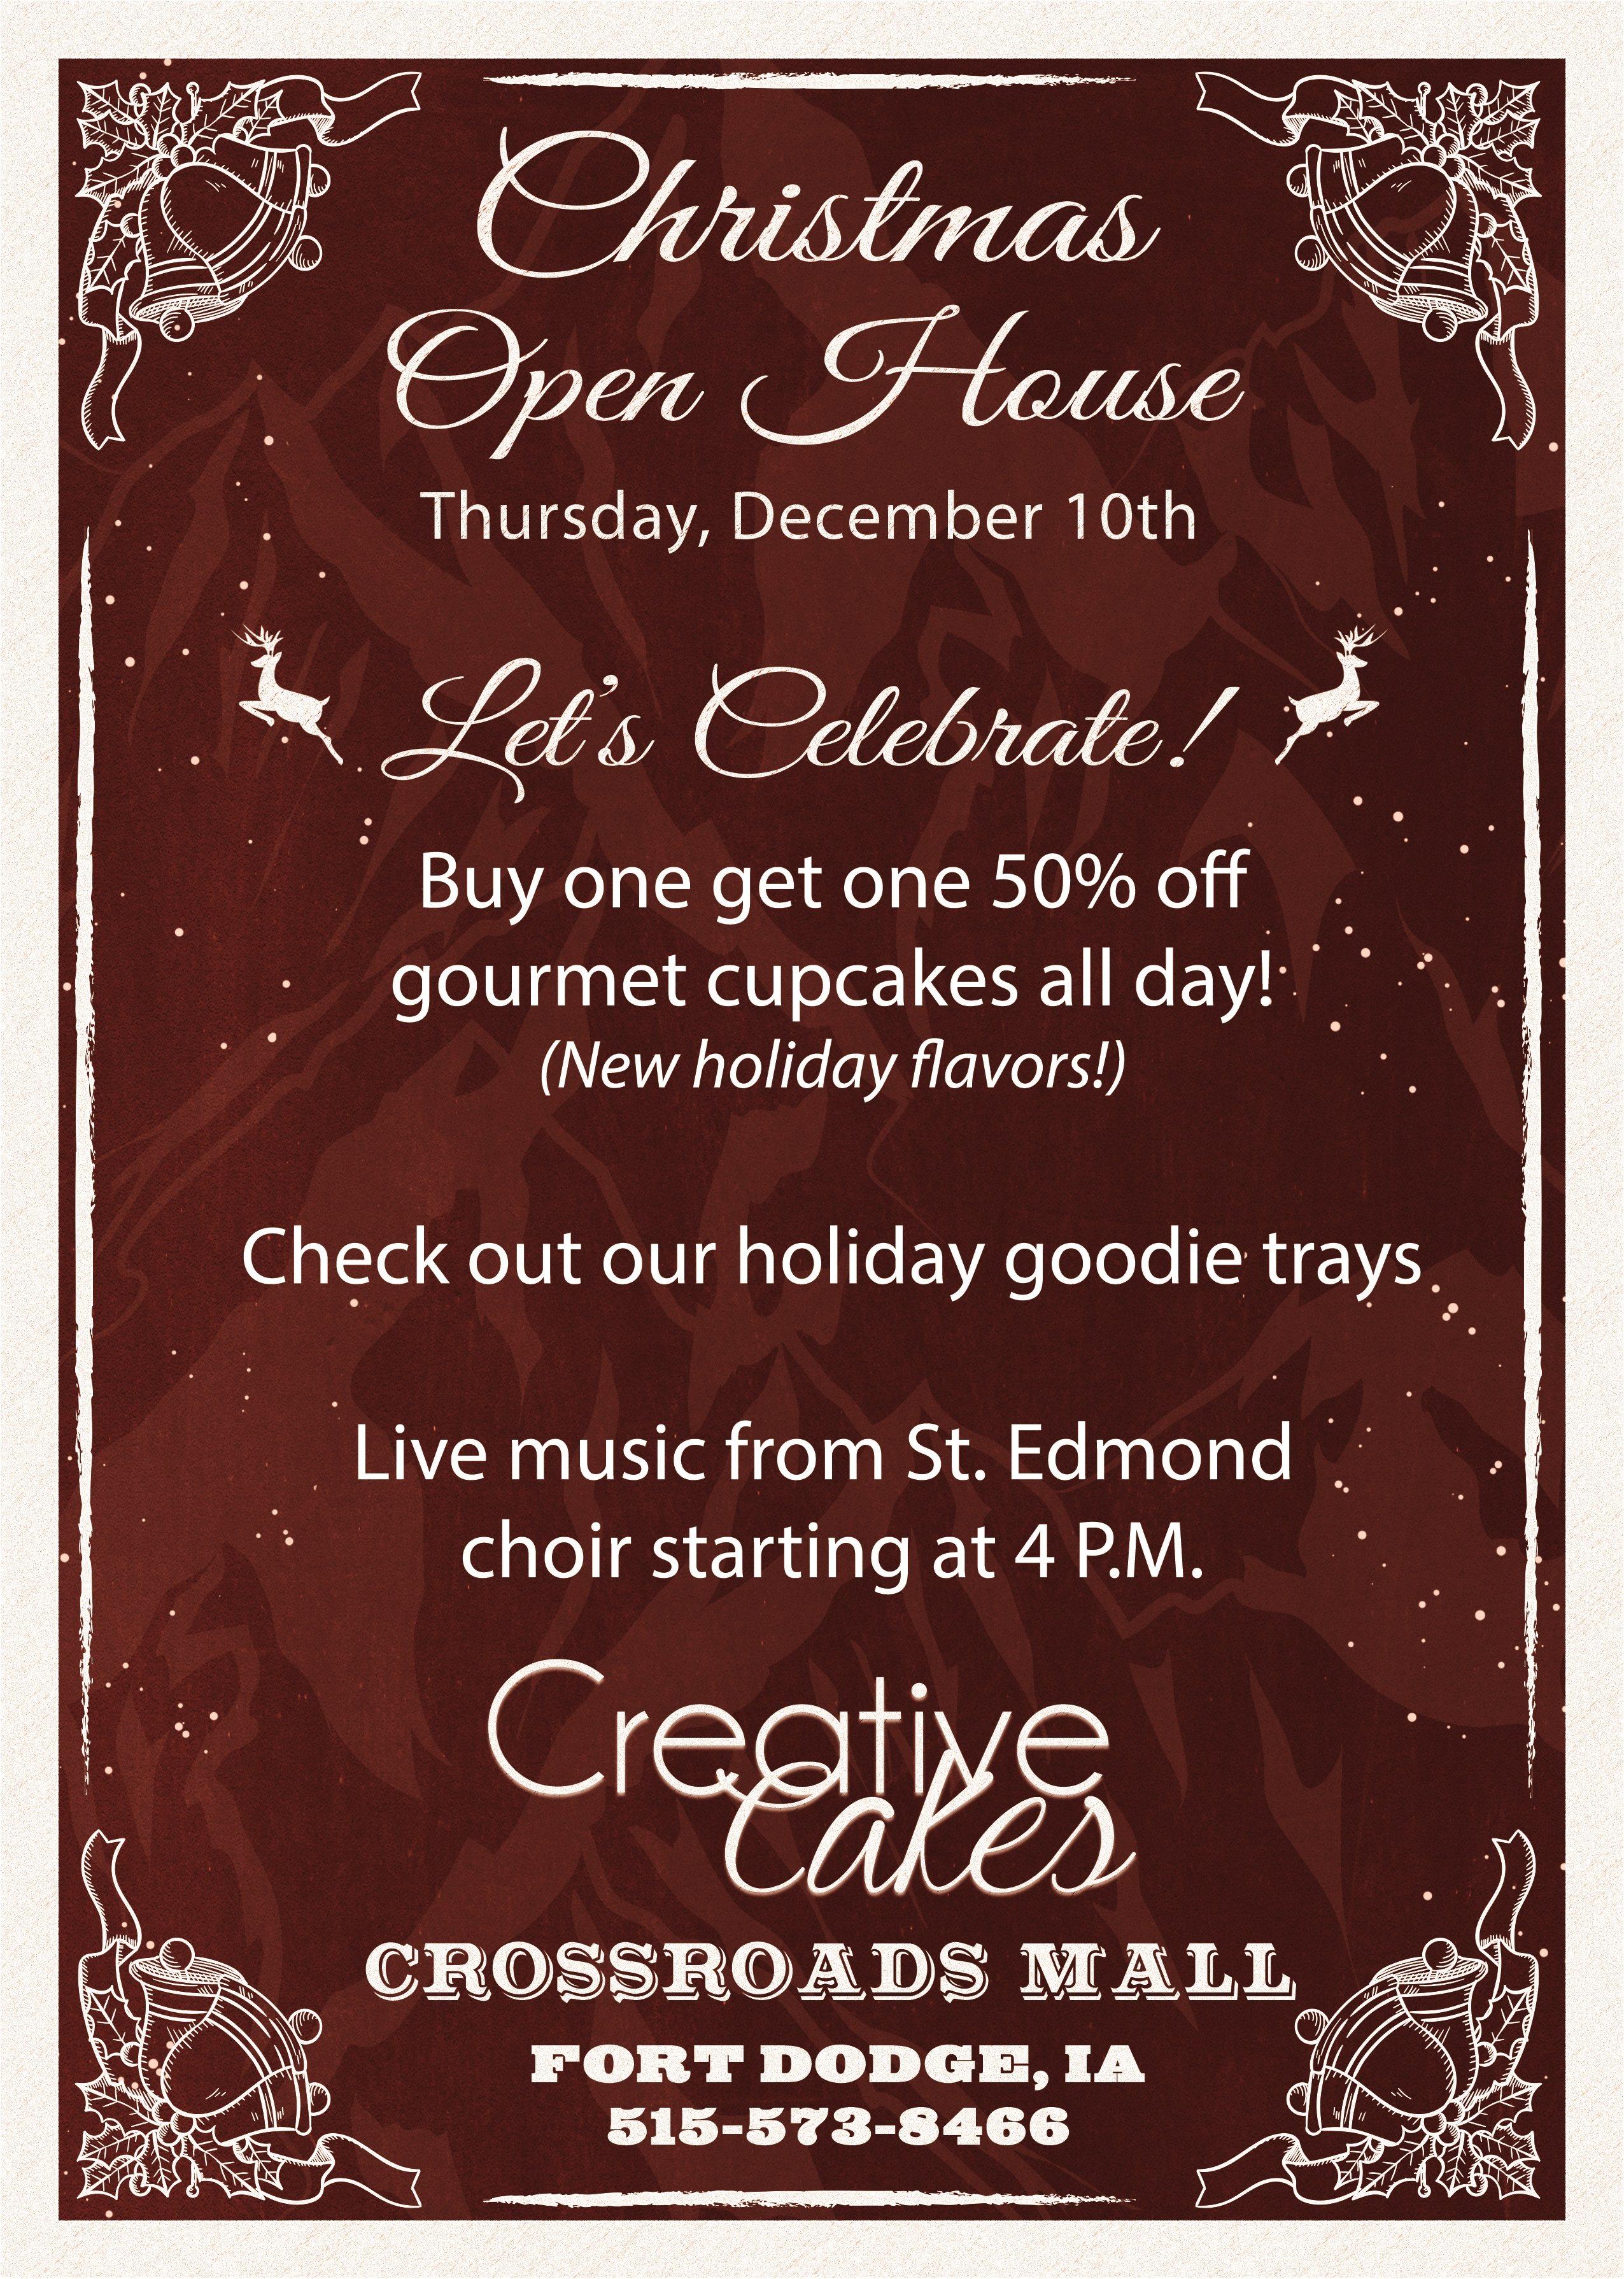 ChristmasOpenHouse.jpg